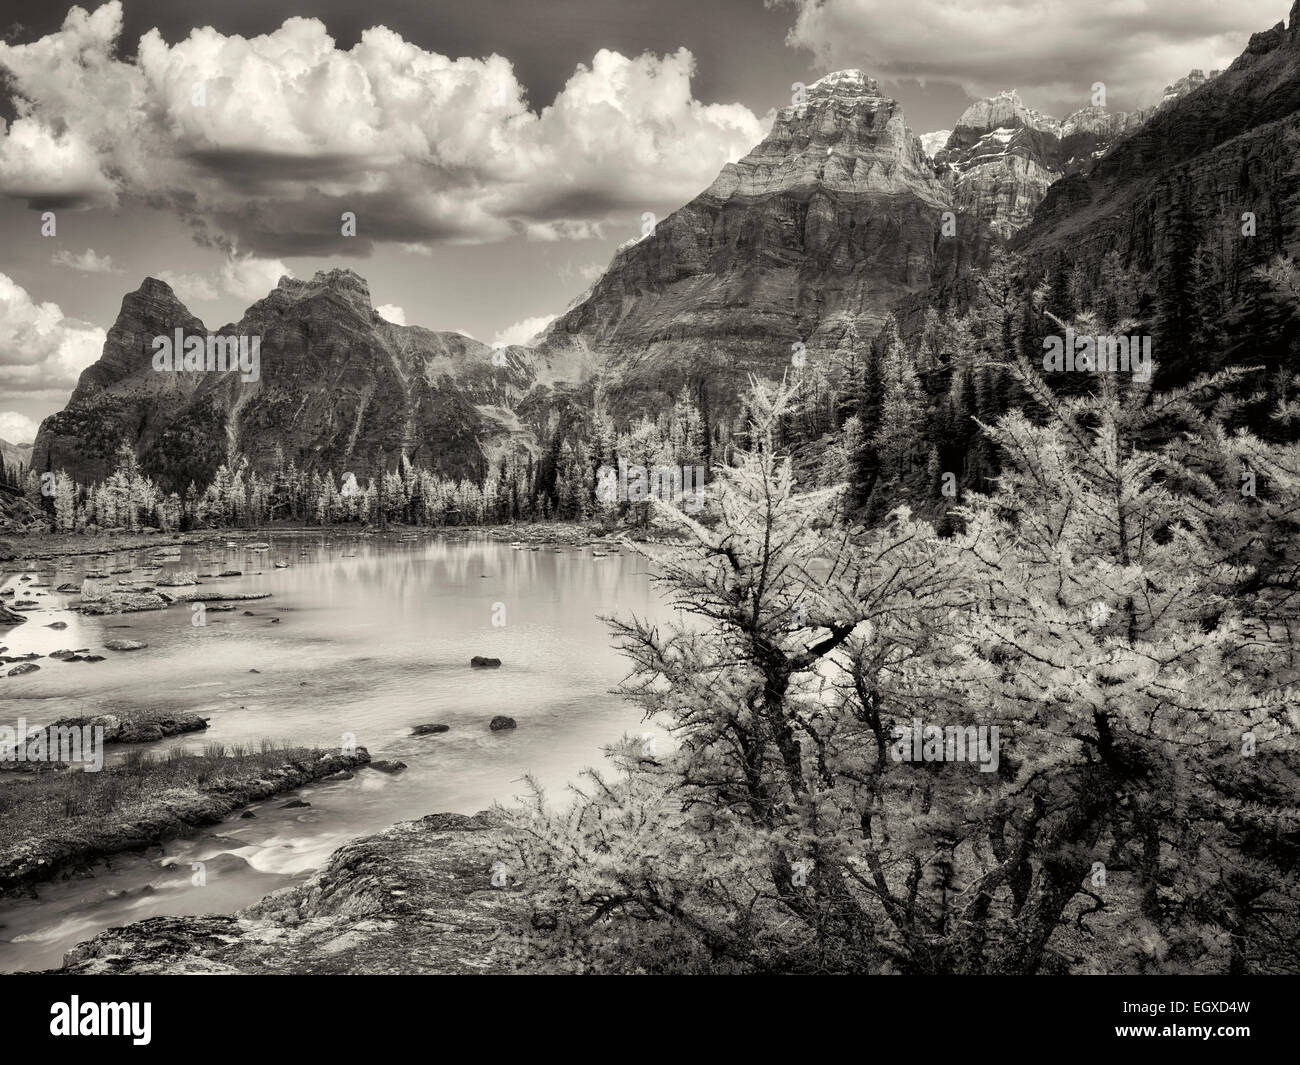 Mt-Huber und Herbst farbige Lärche. Opabin Plateau von British Columbia die kanadischen Rockies und Yoho-Nationalpark. Stockbild